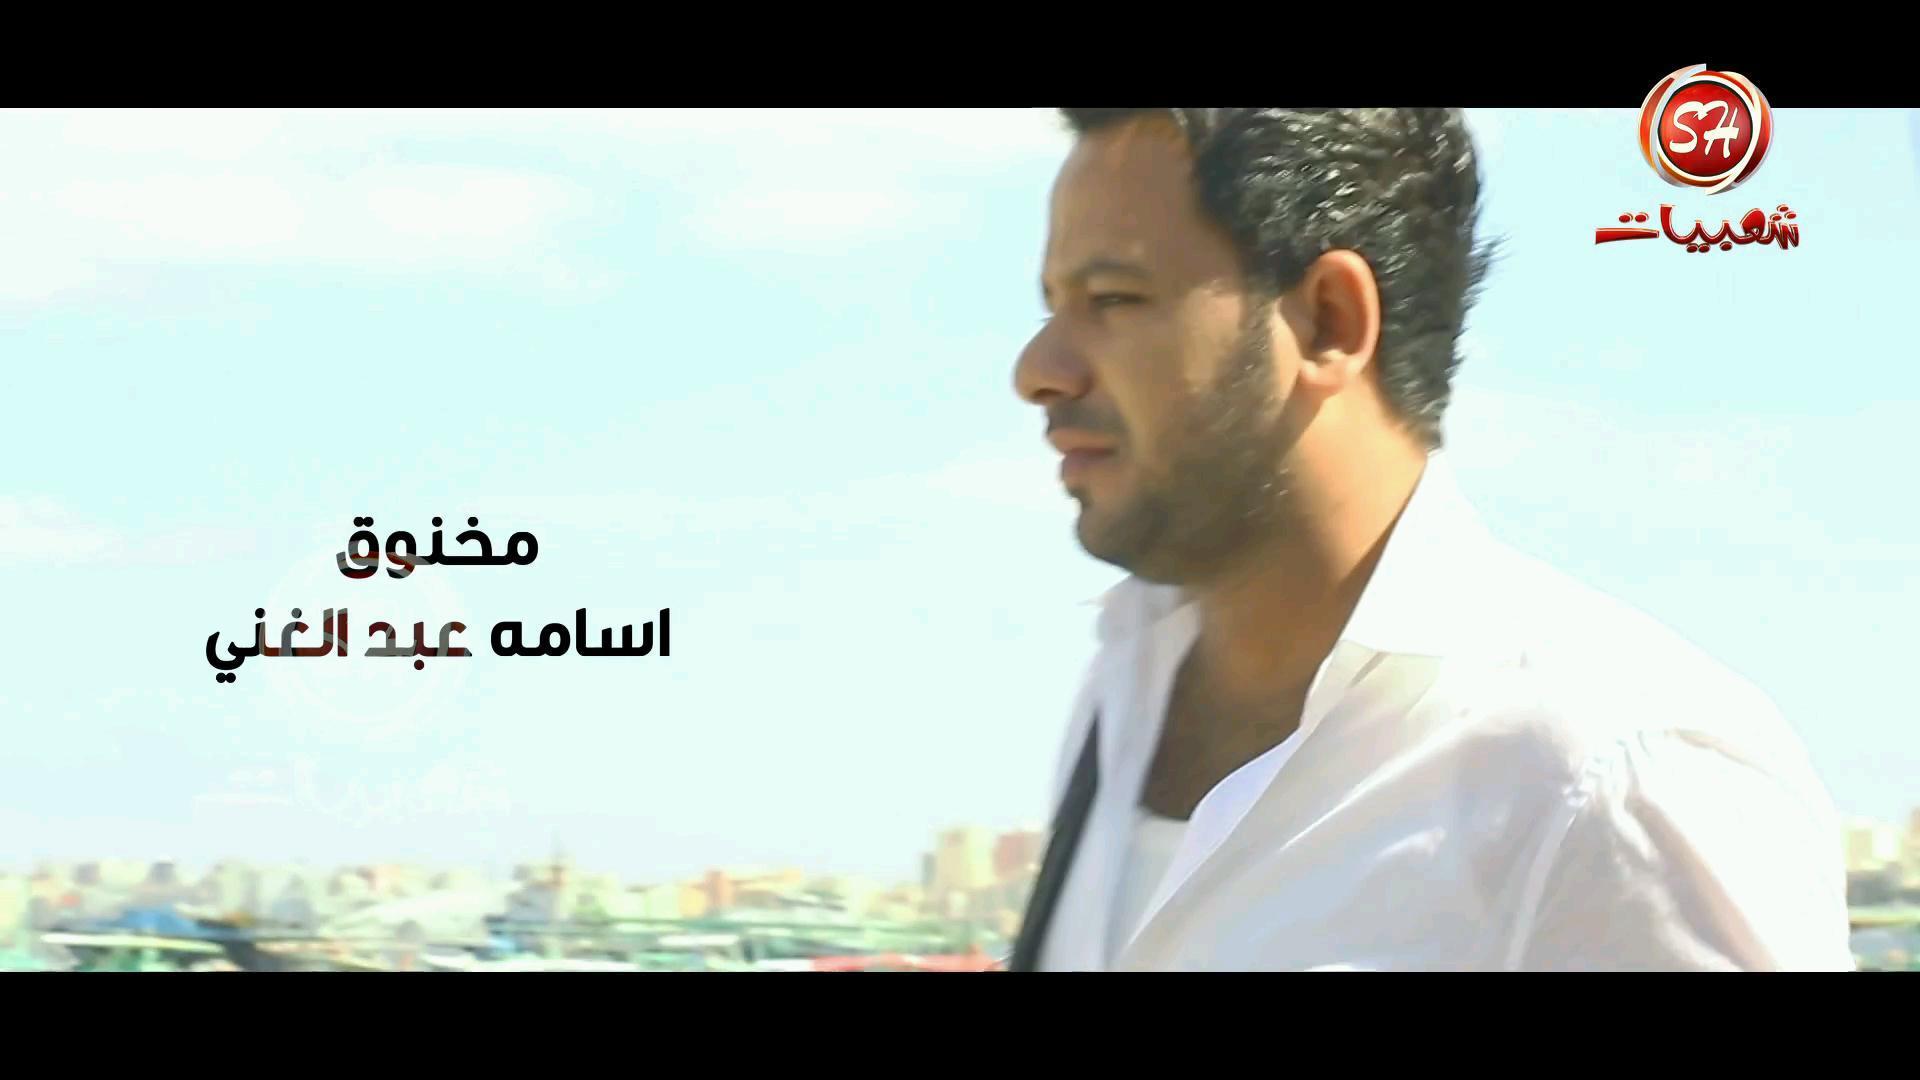 صوره اغنية مخنوق اسامة عبد الغني